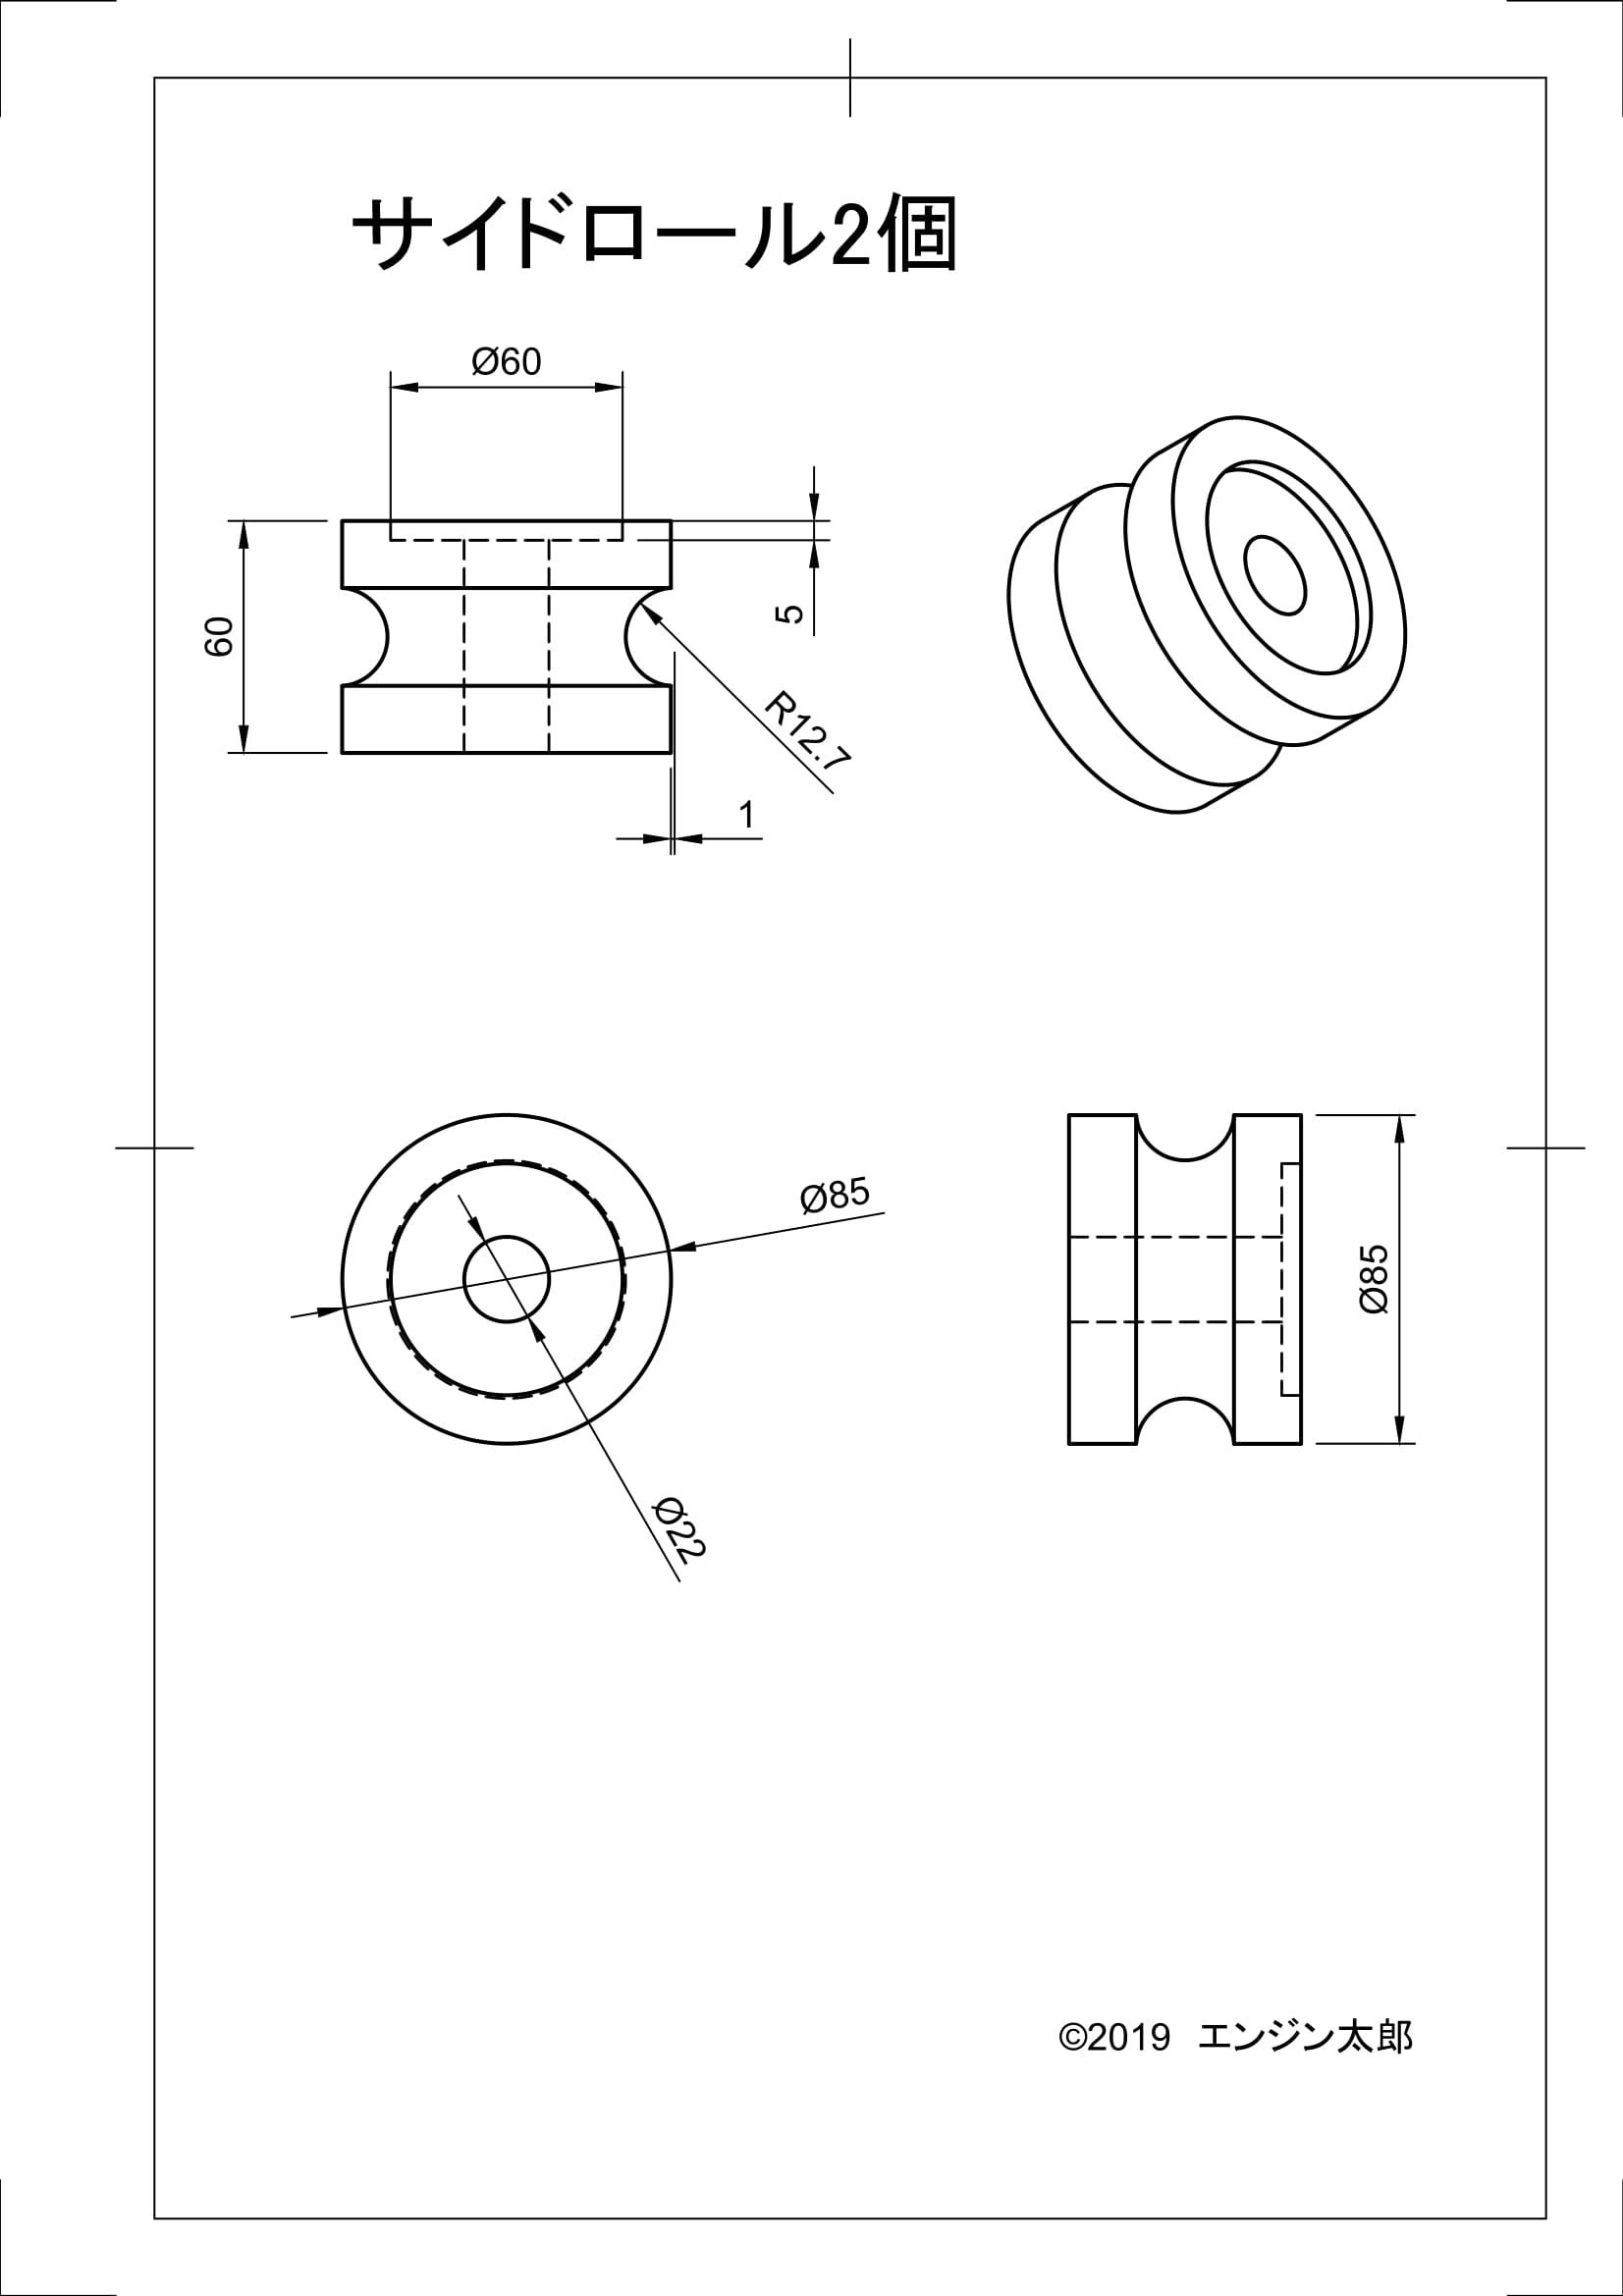 11チューブローラー2_サイドロール2 図面-1